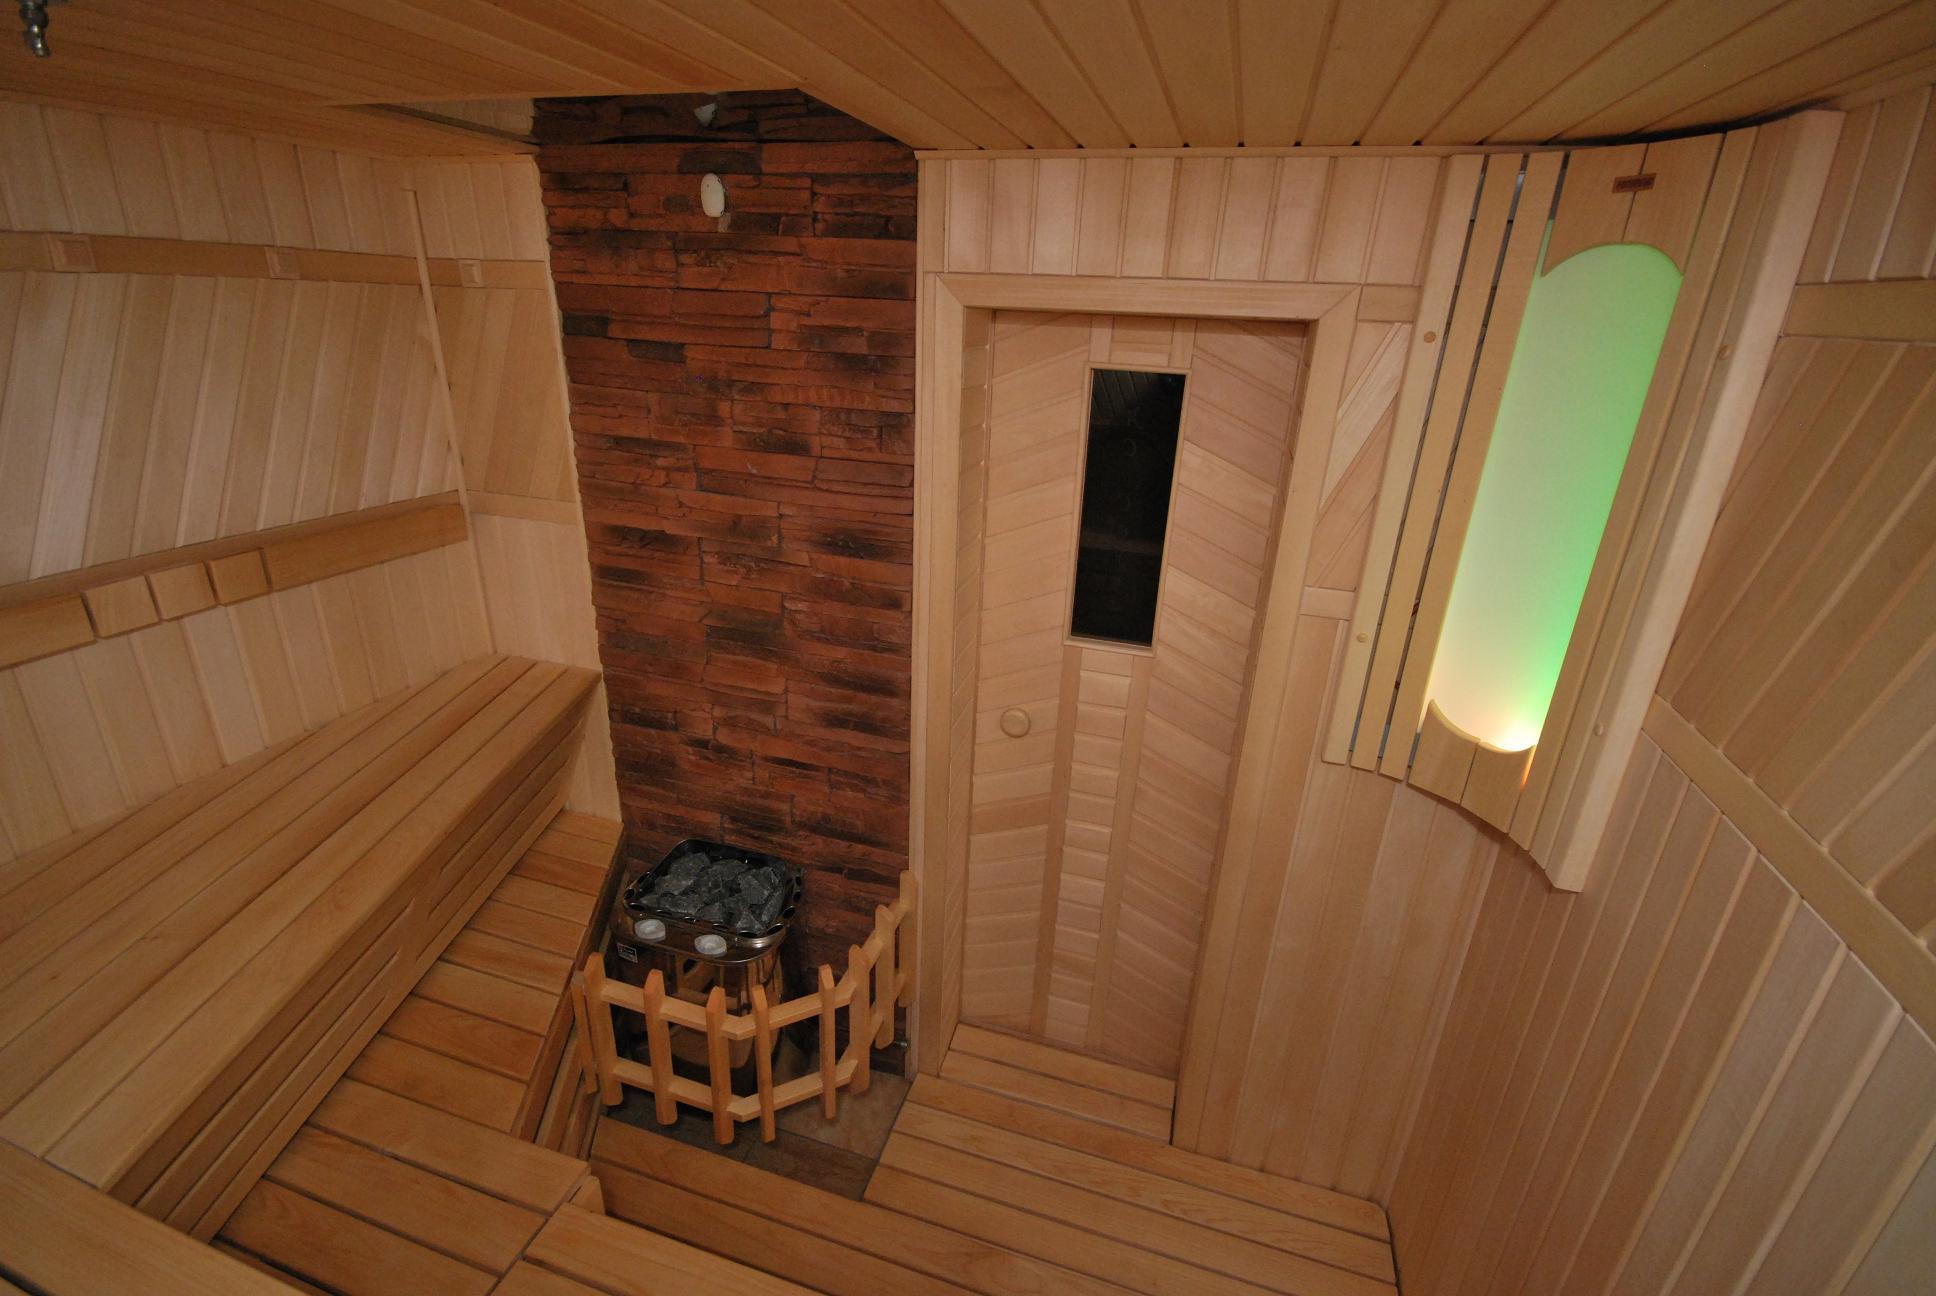 Фото в пред банике, Дизайн предбанника - Строим баню или сауну 8 фотография